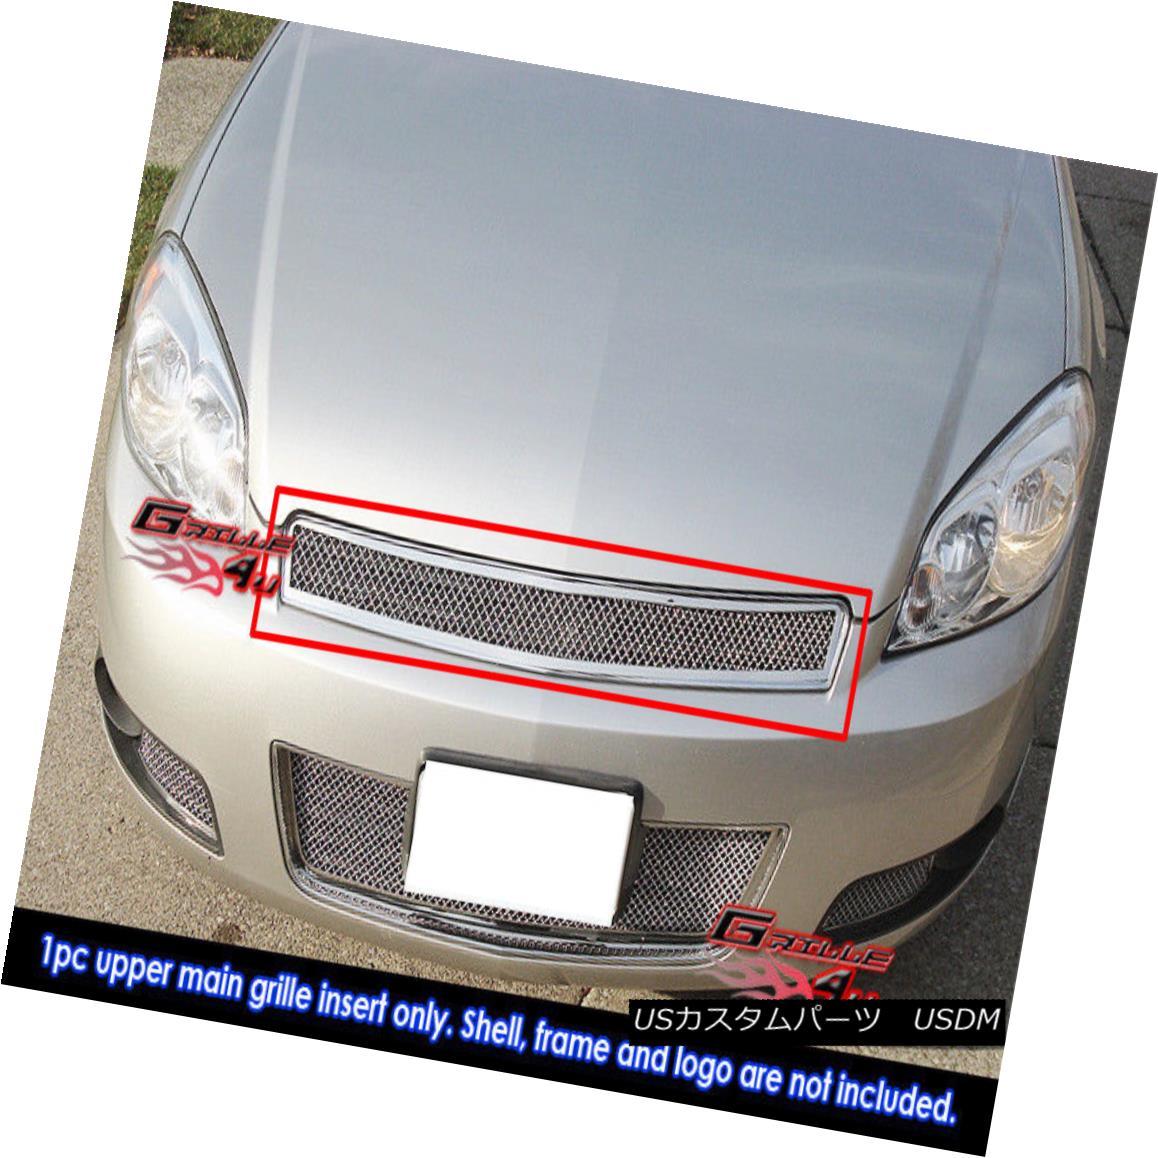 グリル Fits 2006-2013 Chevy Impala/06-07 Monte Carlo Mesh Grille Grill Insert フィット2006-2013シボレーインパラ/ 06-07モンテカルロメッシュグリルグリルインサート